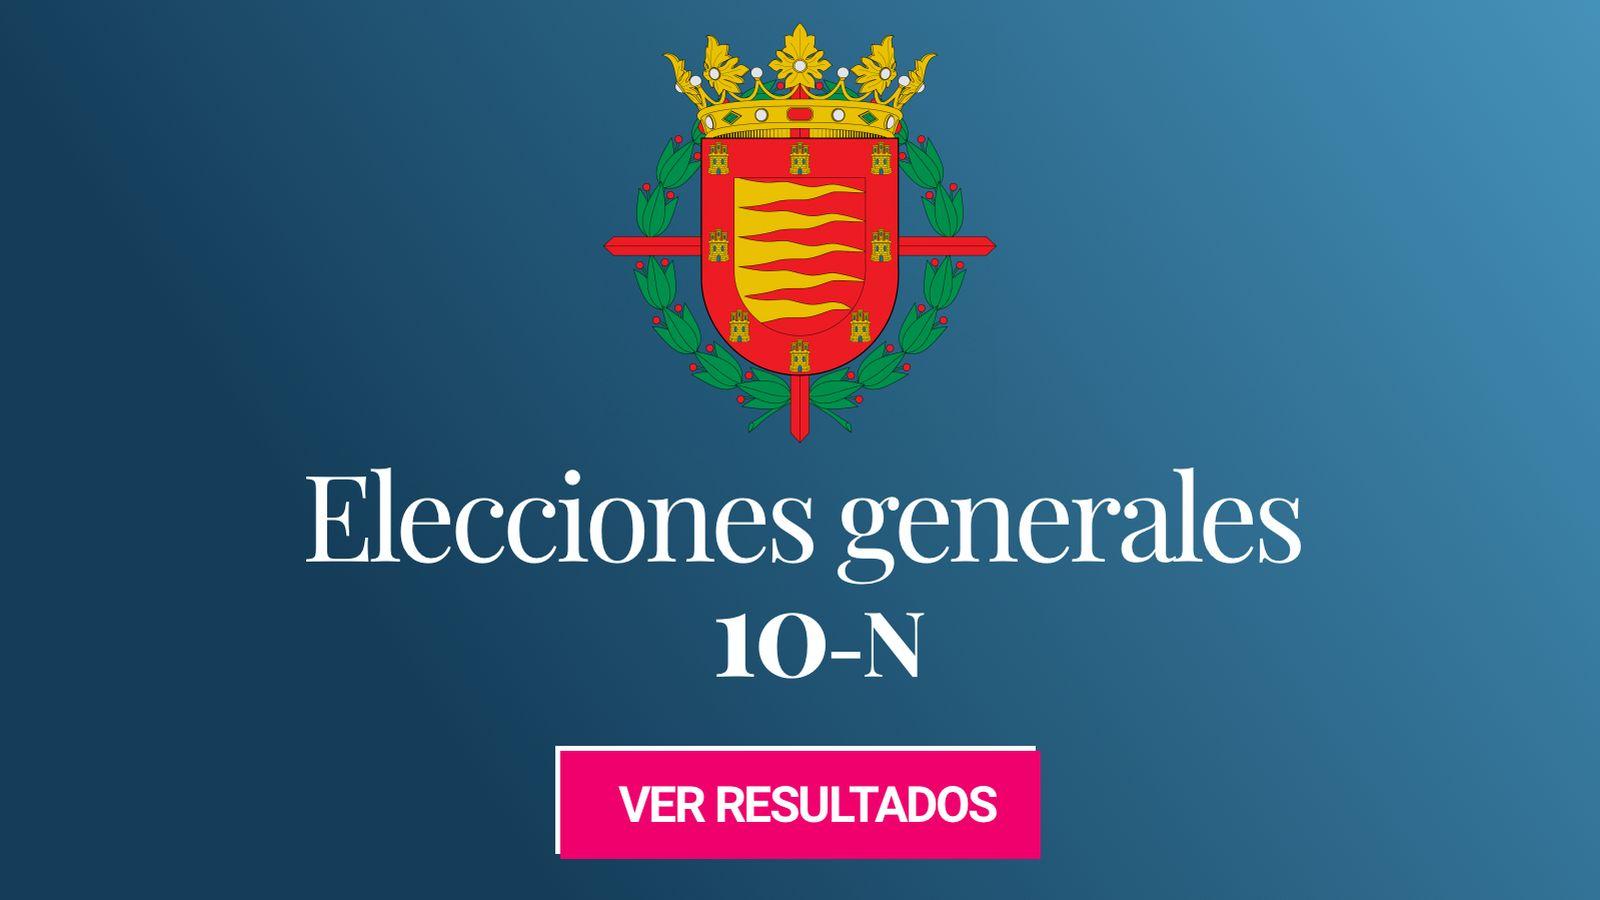 Foto: Elecciones generales 2019 en Valladolid. (C.C./EC)